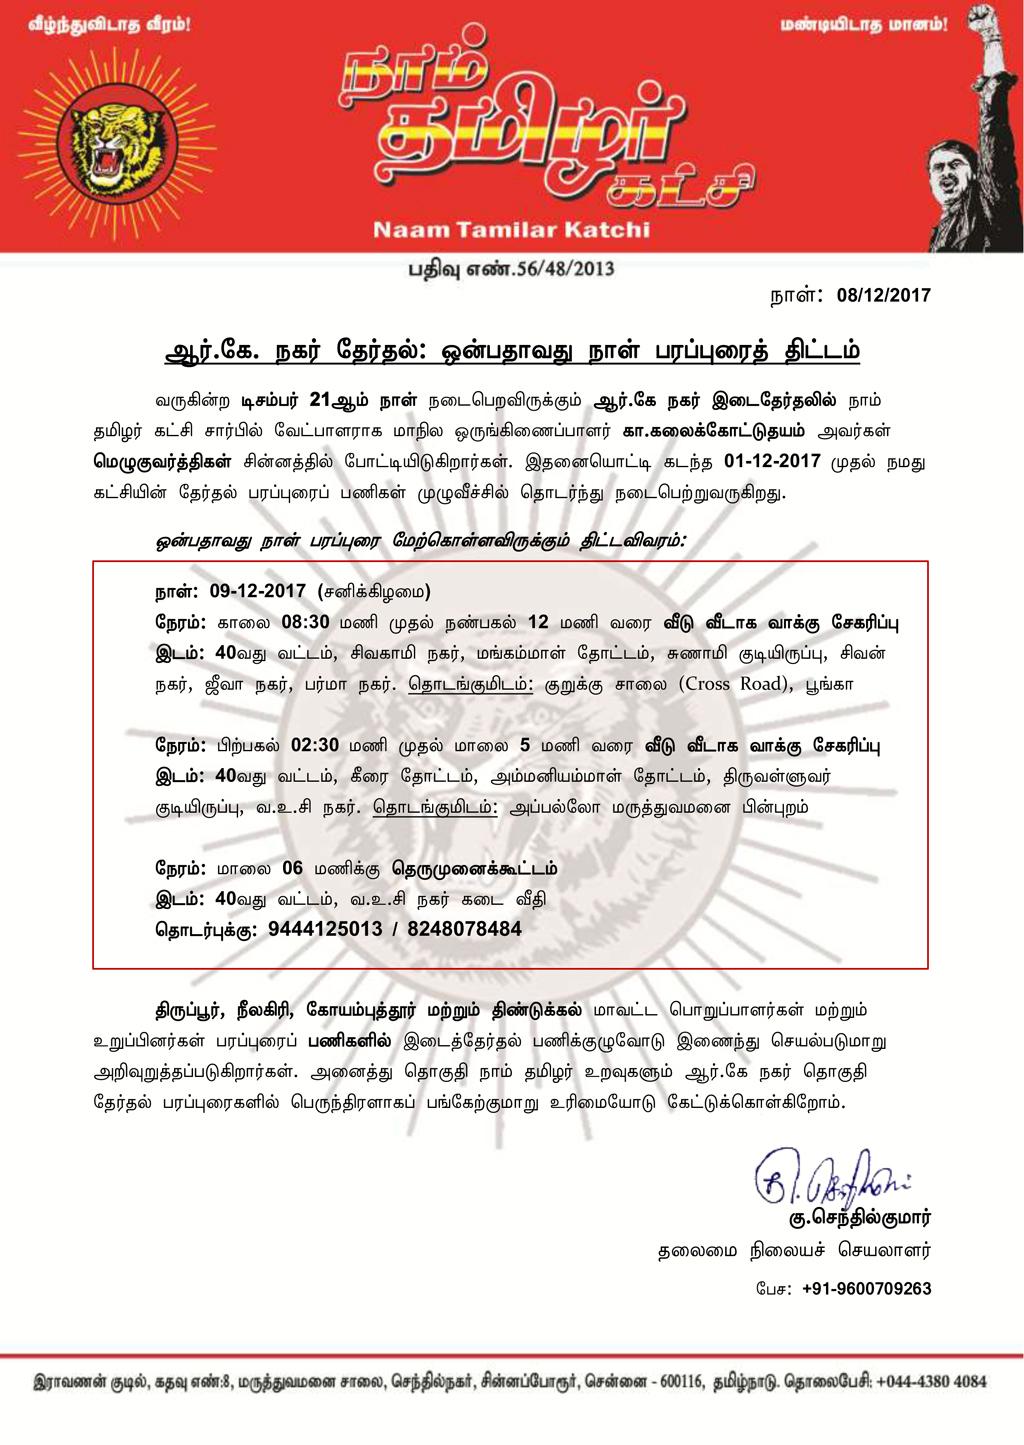 அறிவிப்பு; ஆர்.கே நகர் இடைத்தேர்தல்: 09-12-2017 ஒன்பதாவது நாள் பரப்புரைத் திட்டம் rk nagar by poll naam tamilar katchi kalaikottuthayam election campaign announcement 09 12 2017